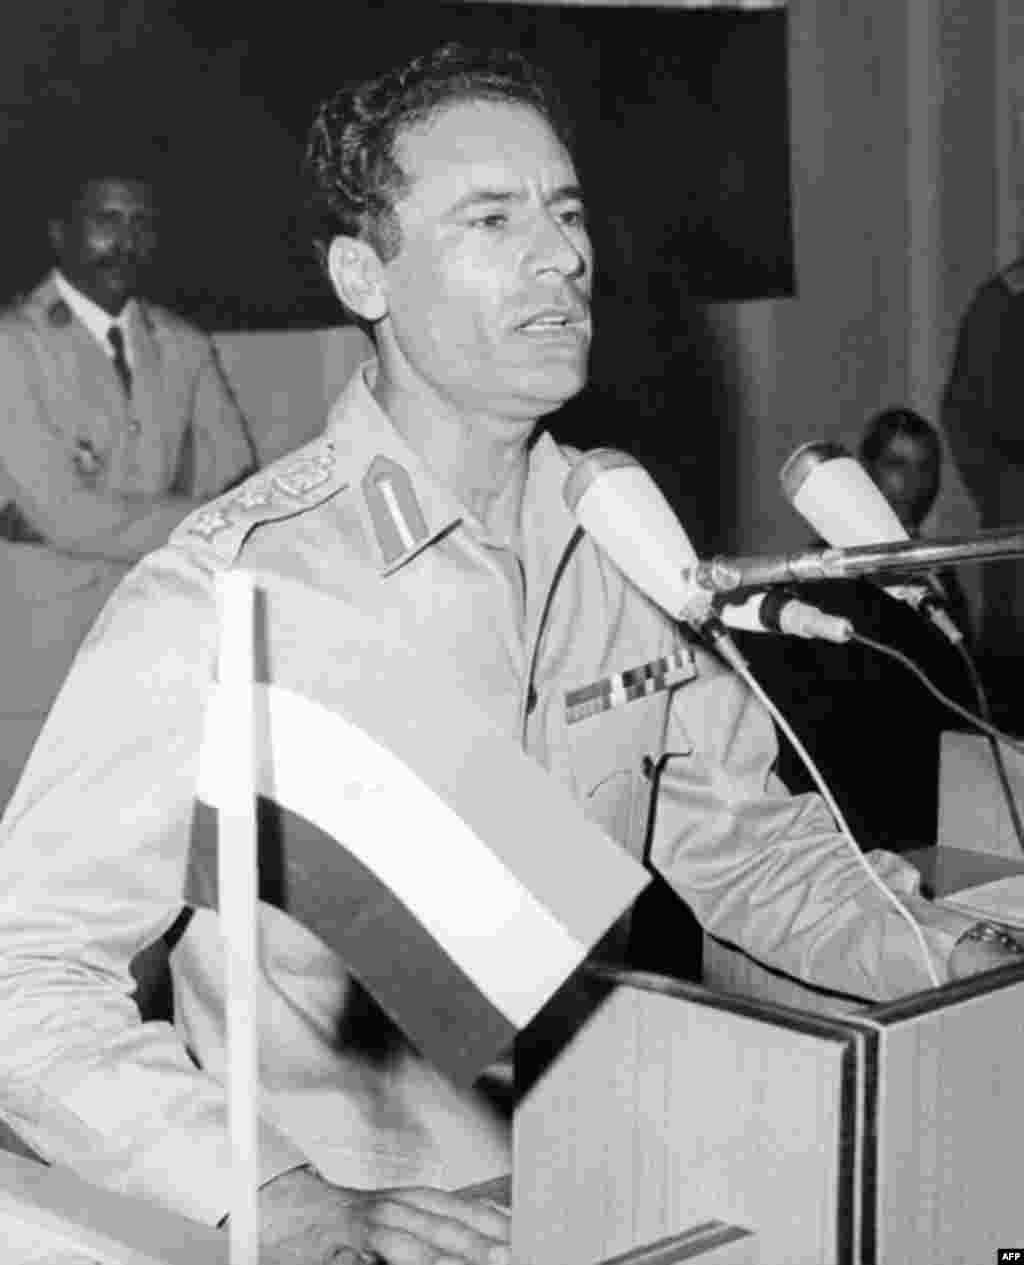 В 1969 года полковник Каддафи сверг короля Идриса и провозгласил Ливию «во имя свободы, социализма и единства» Народной Социалистической Джамахирией